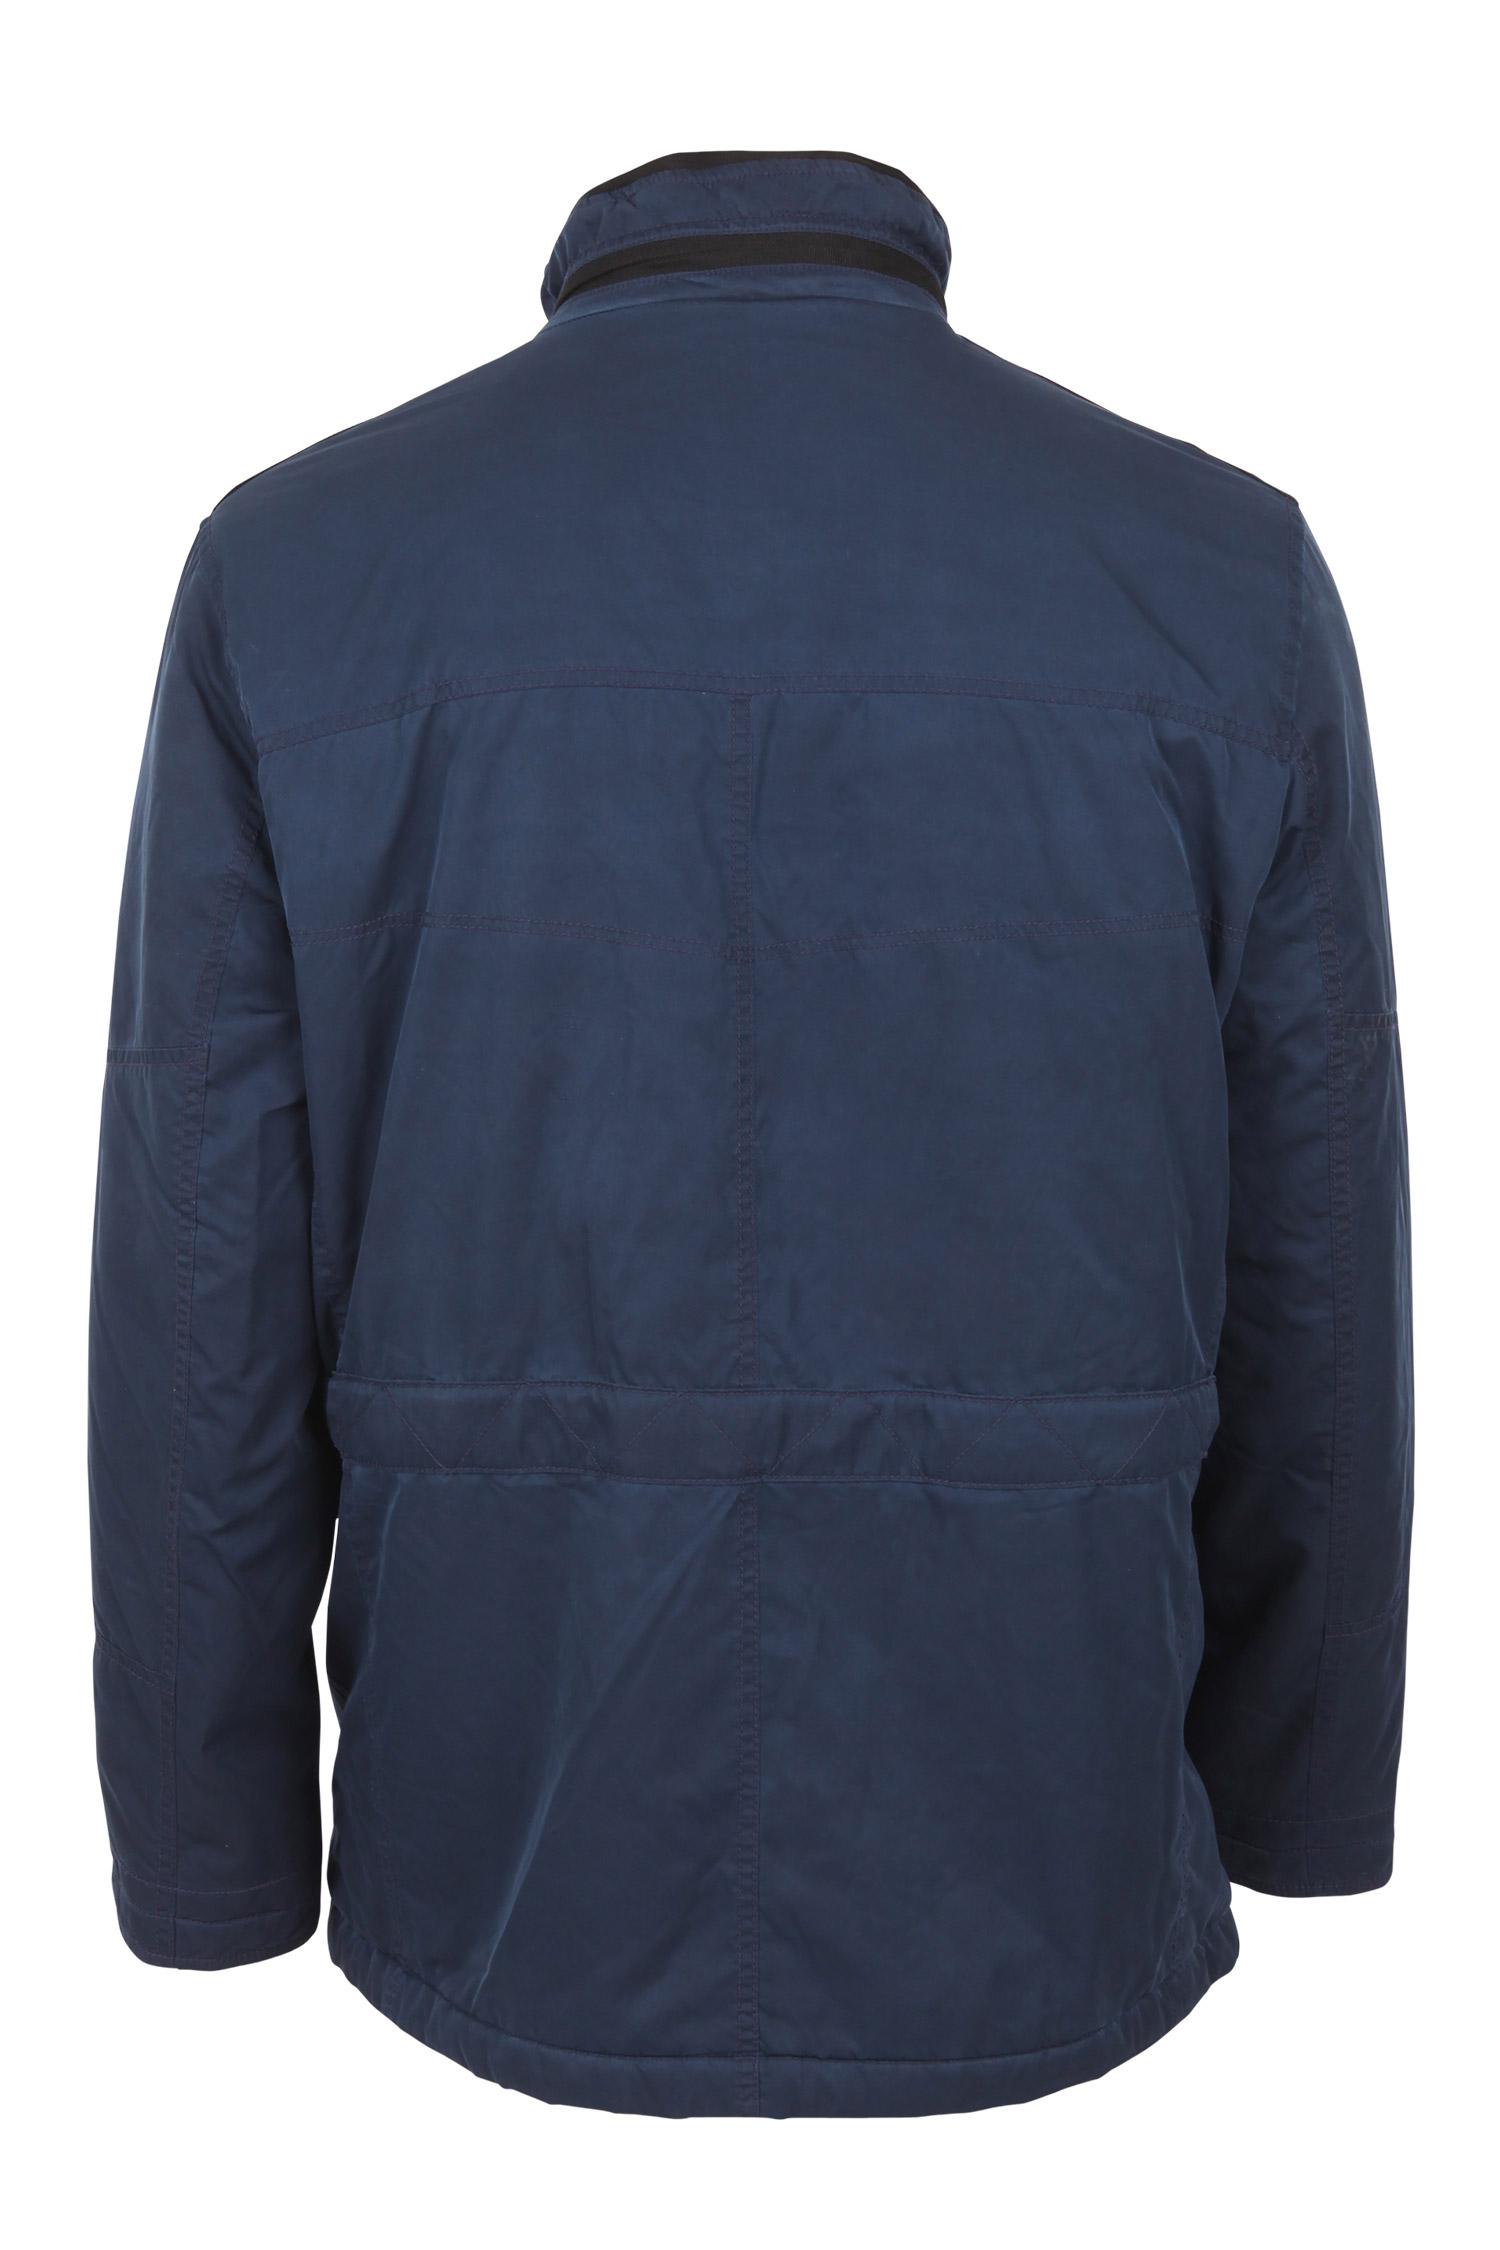 Abrigo, Chaquetones y Piel, 108765, MARINO | Zoom